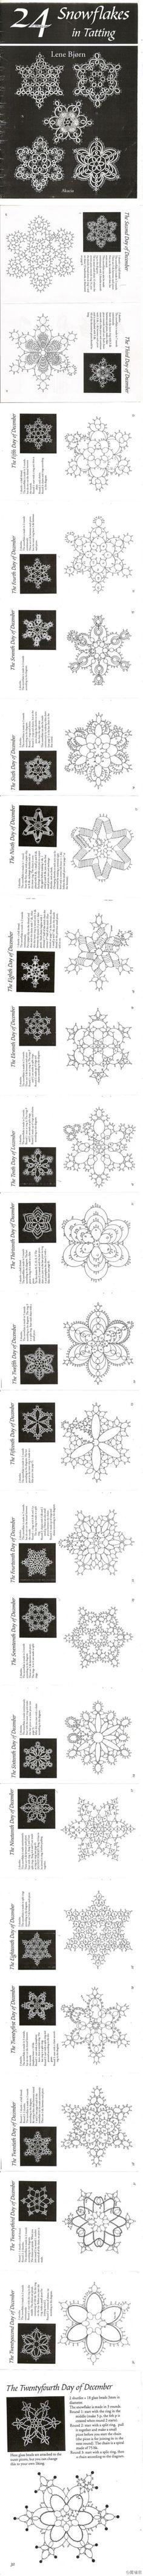 #24 snowflakes in tatting# 24种梭编雪花。(只发图的感觉好清爽=。=